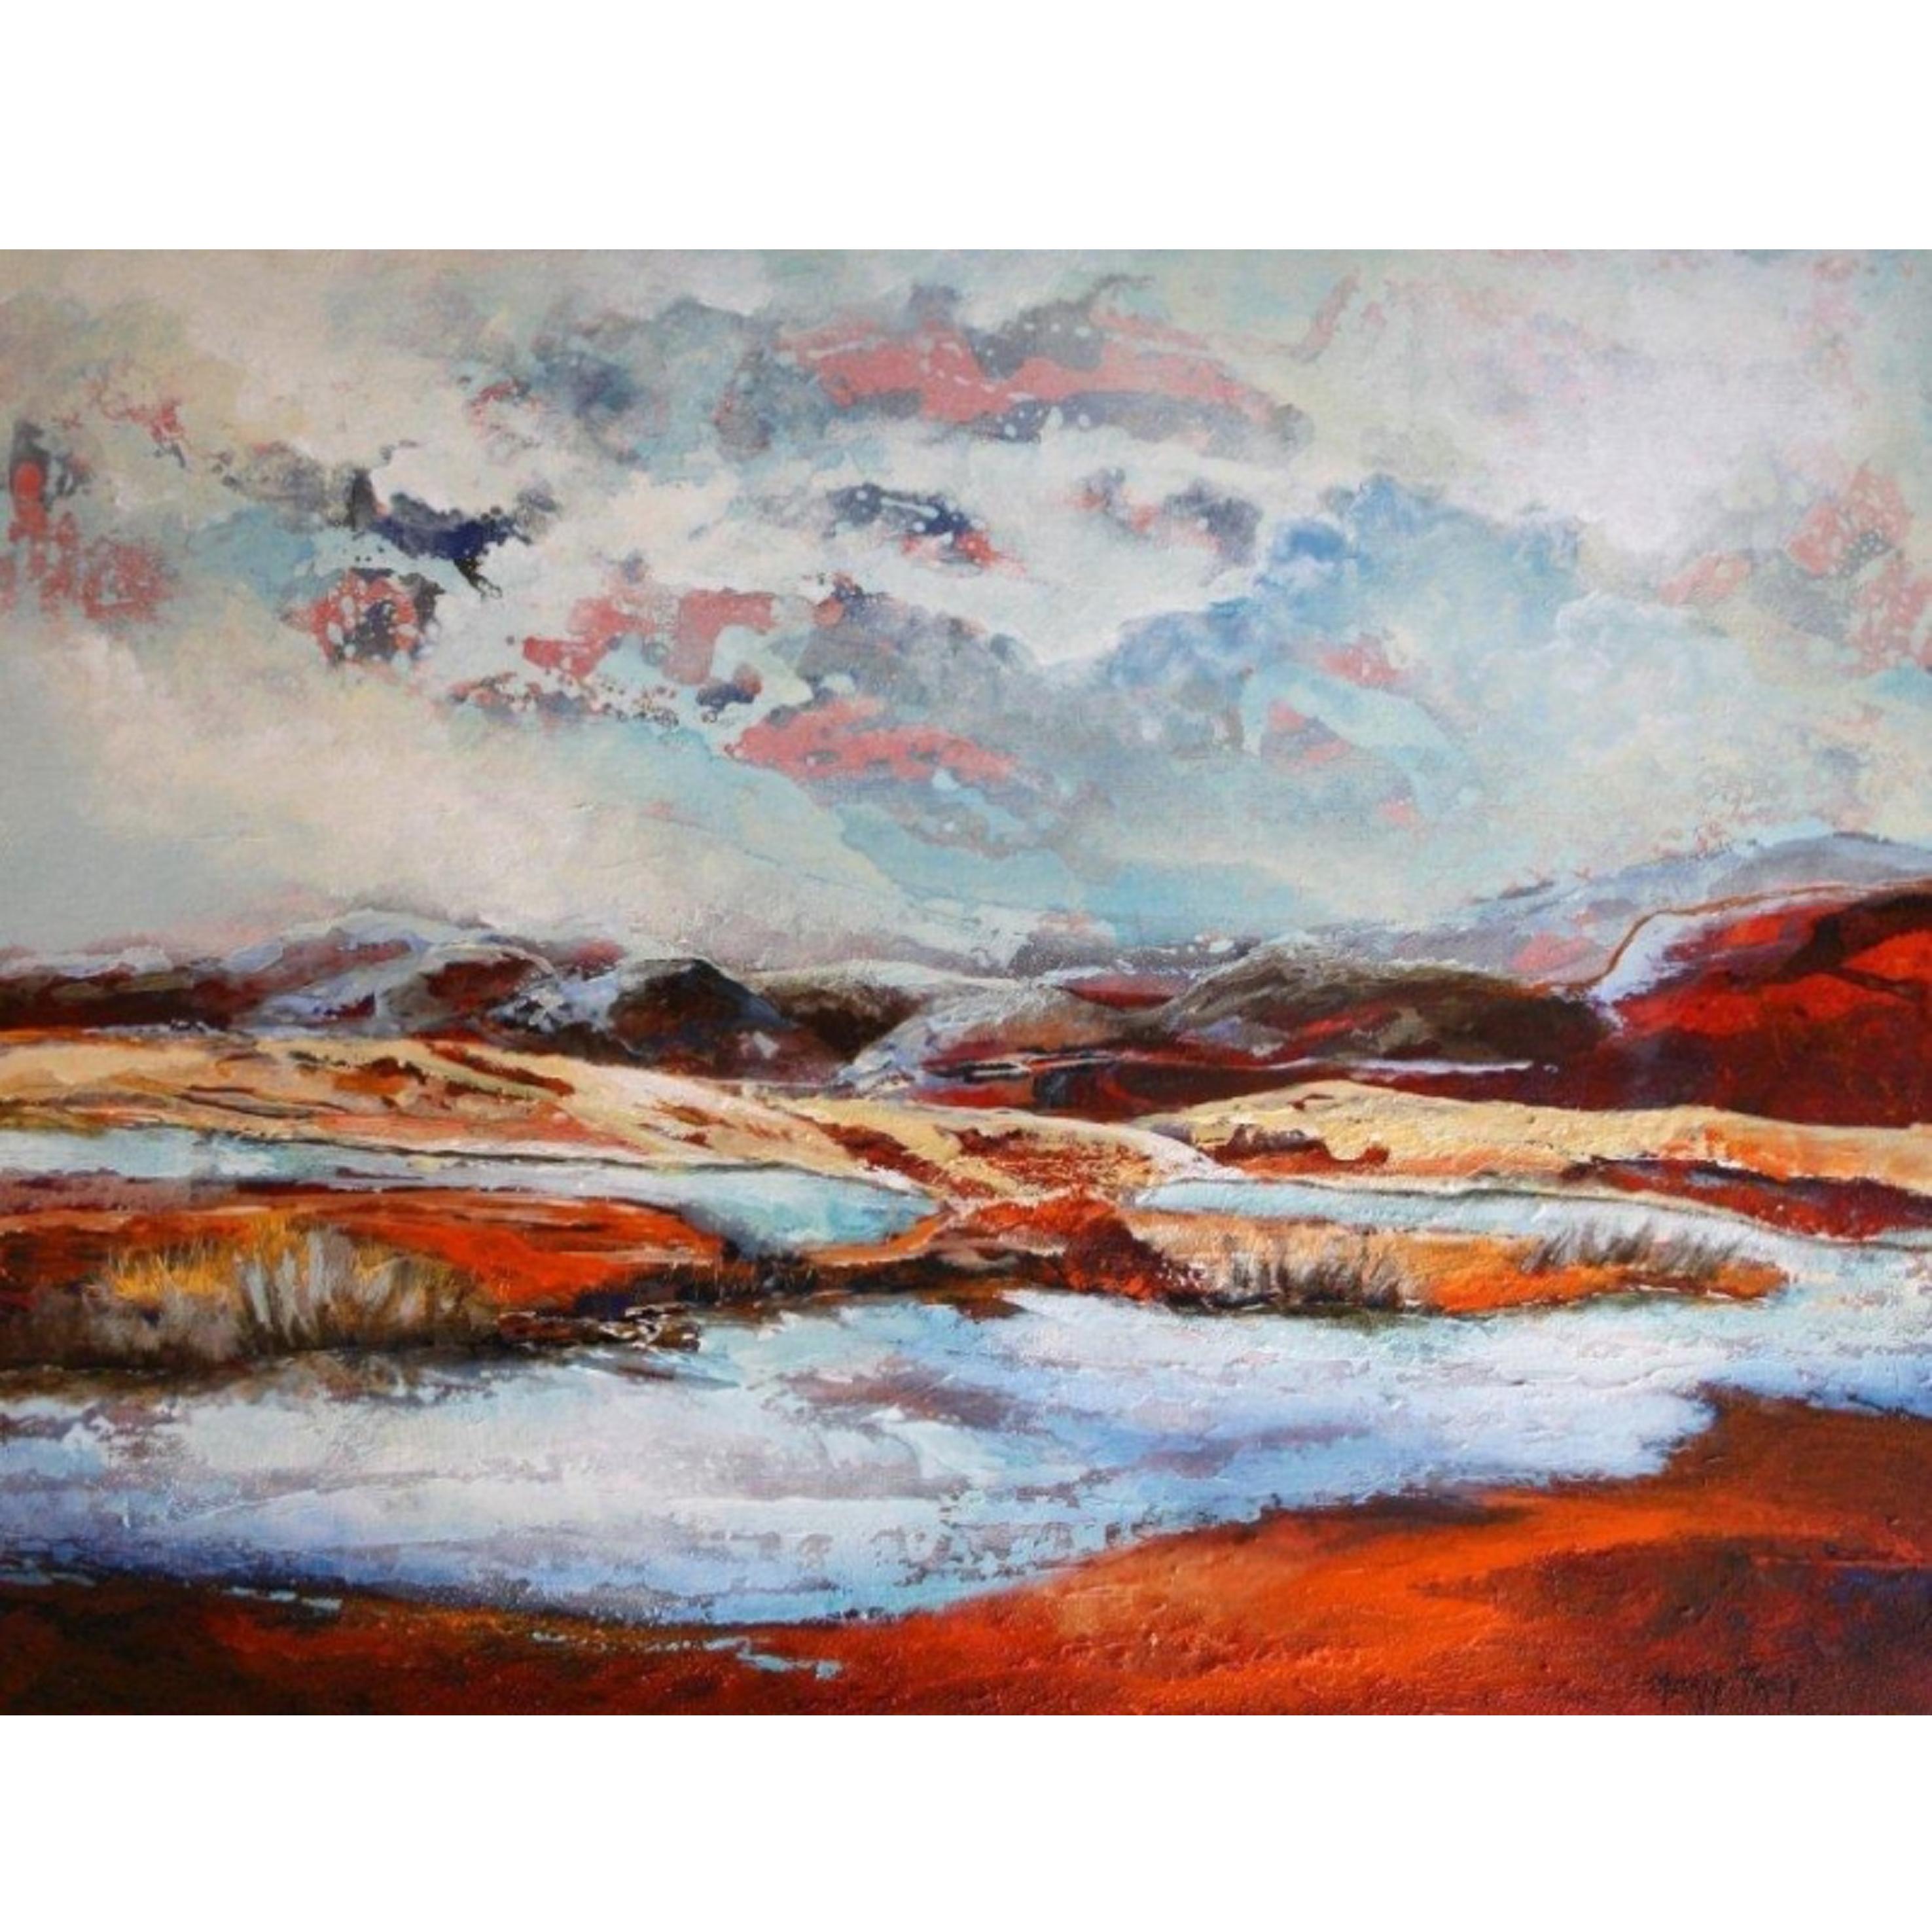 Voorkeur Marly Freij schilderij 'Landschap V' - Van Bellen Art &IE09